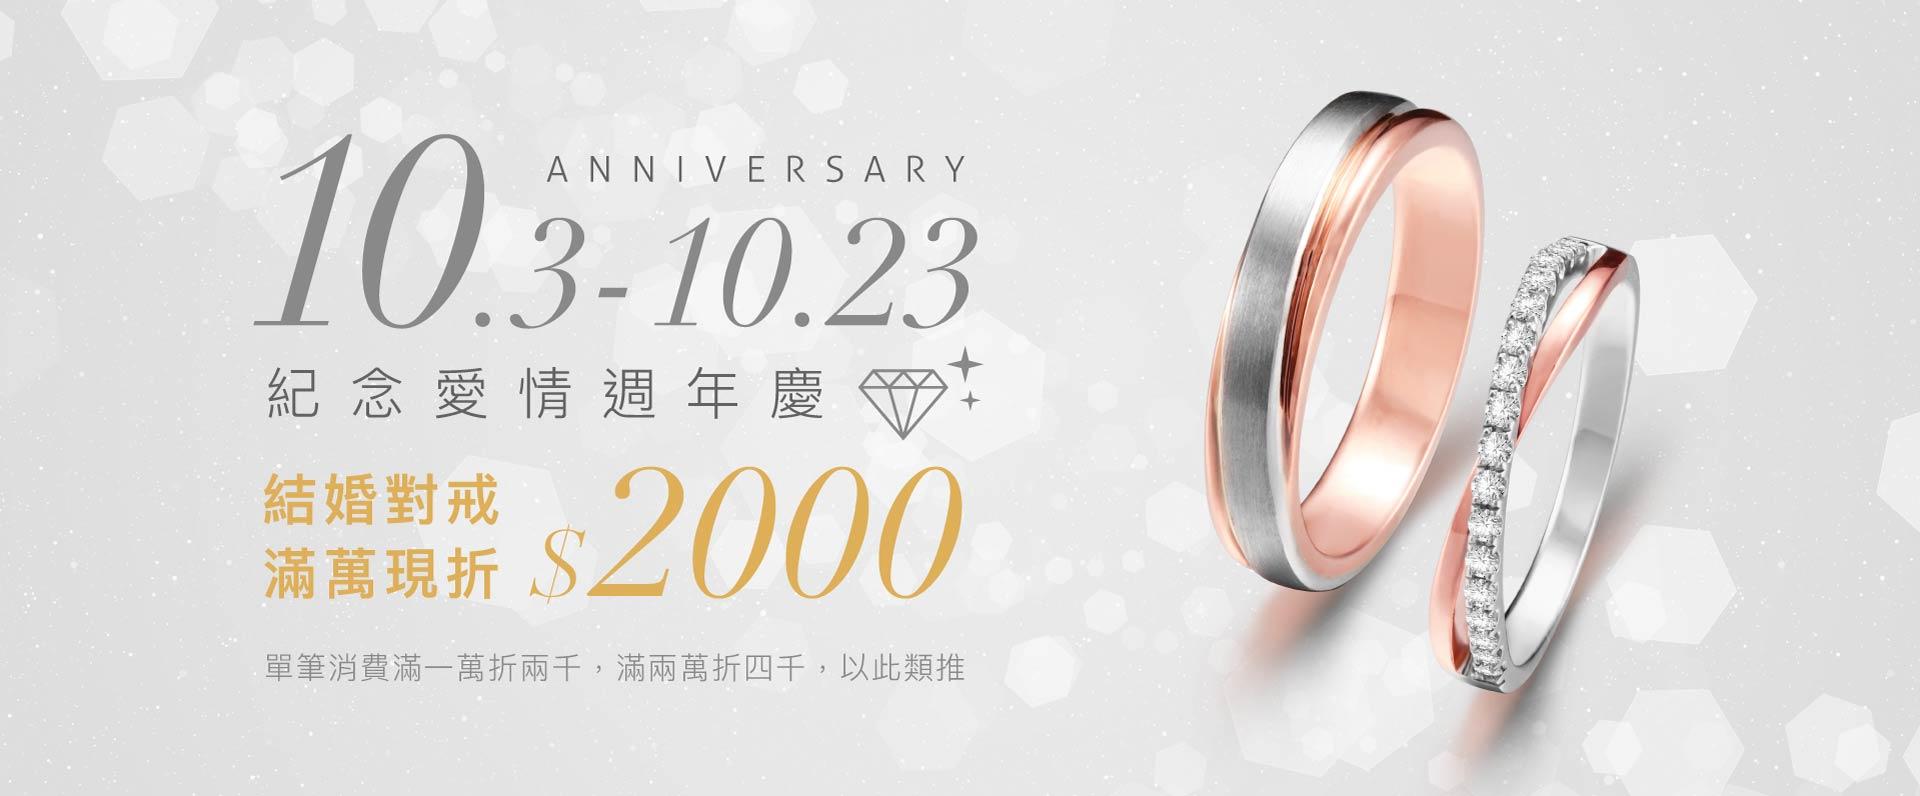 Facebook 封面相片 – 週年慶篇